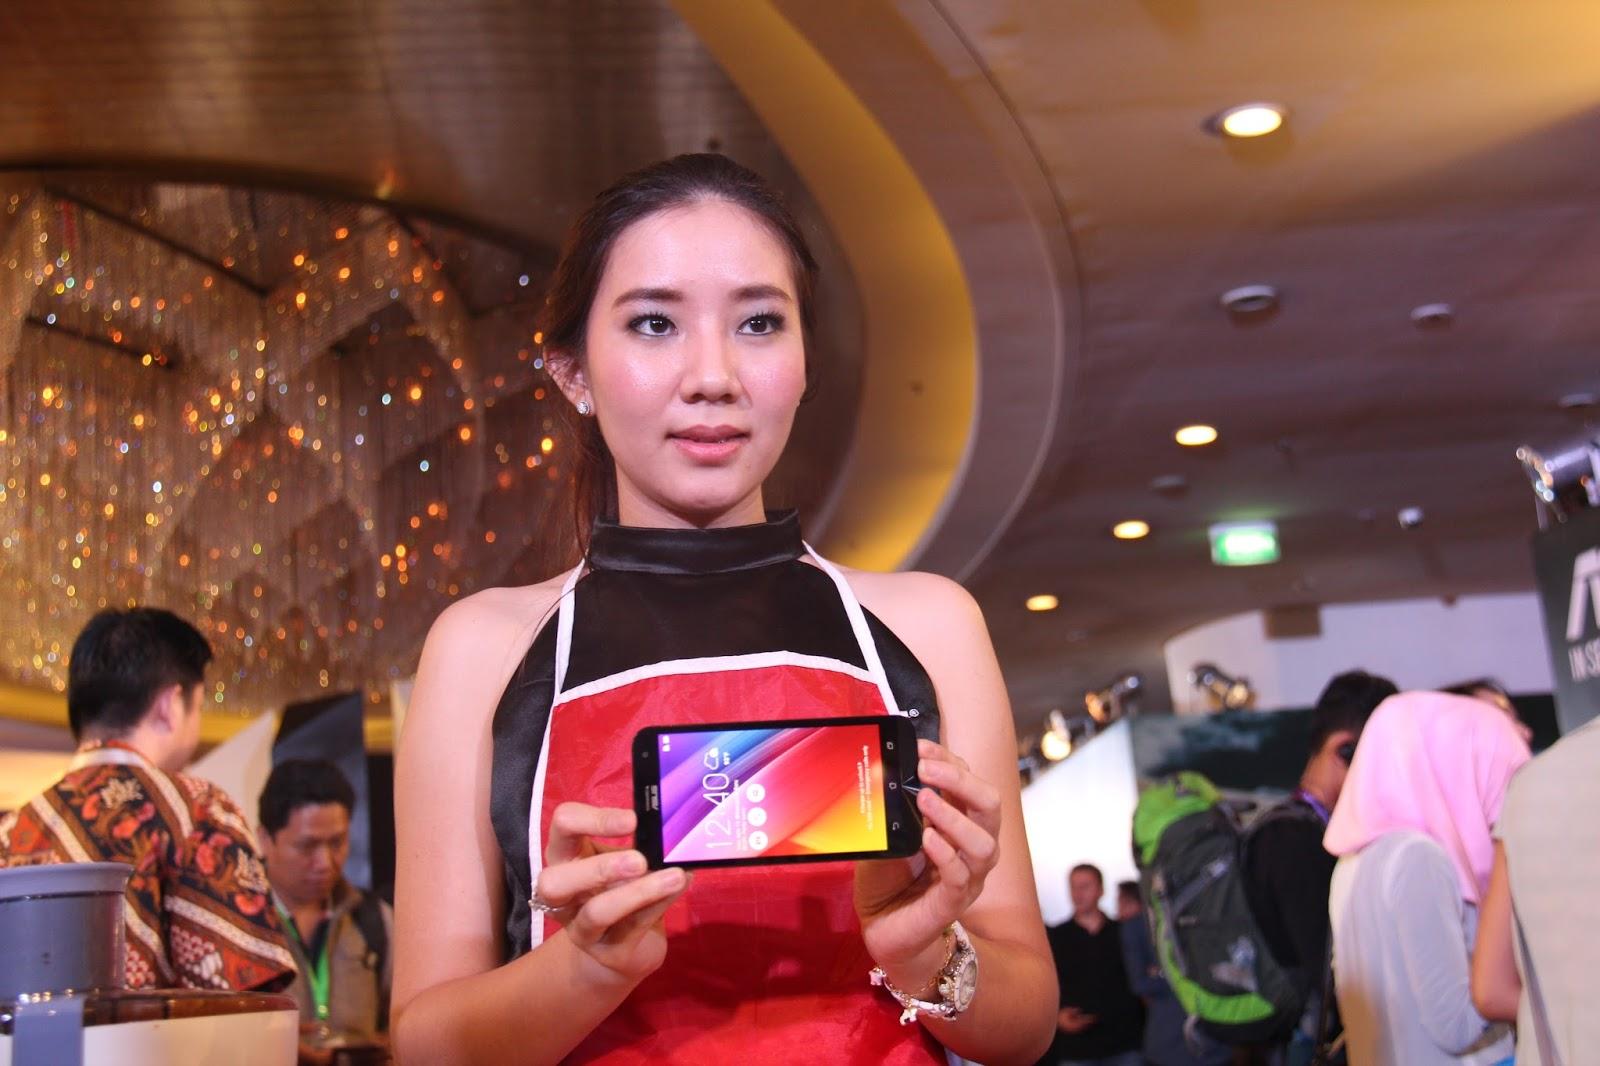 Ketangguhan CCG 4 Zenfone 2 Laser 4G